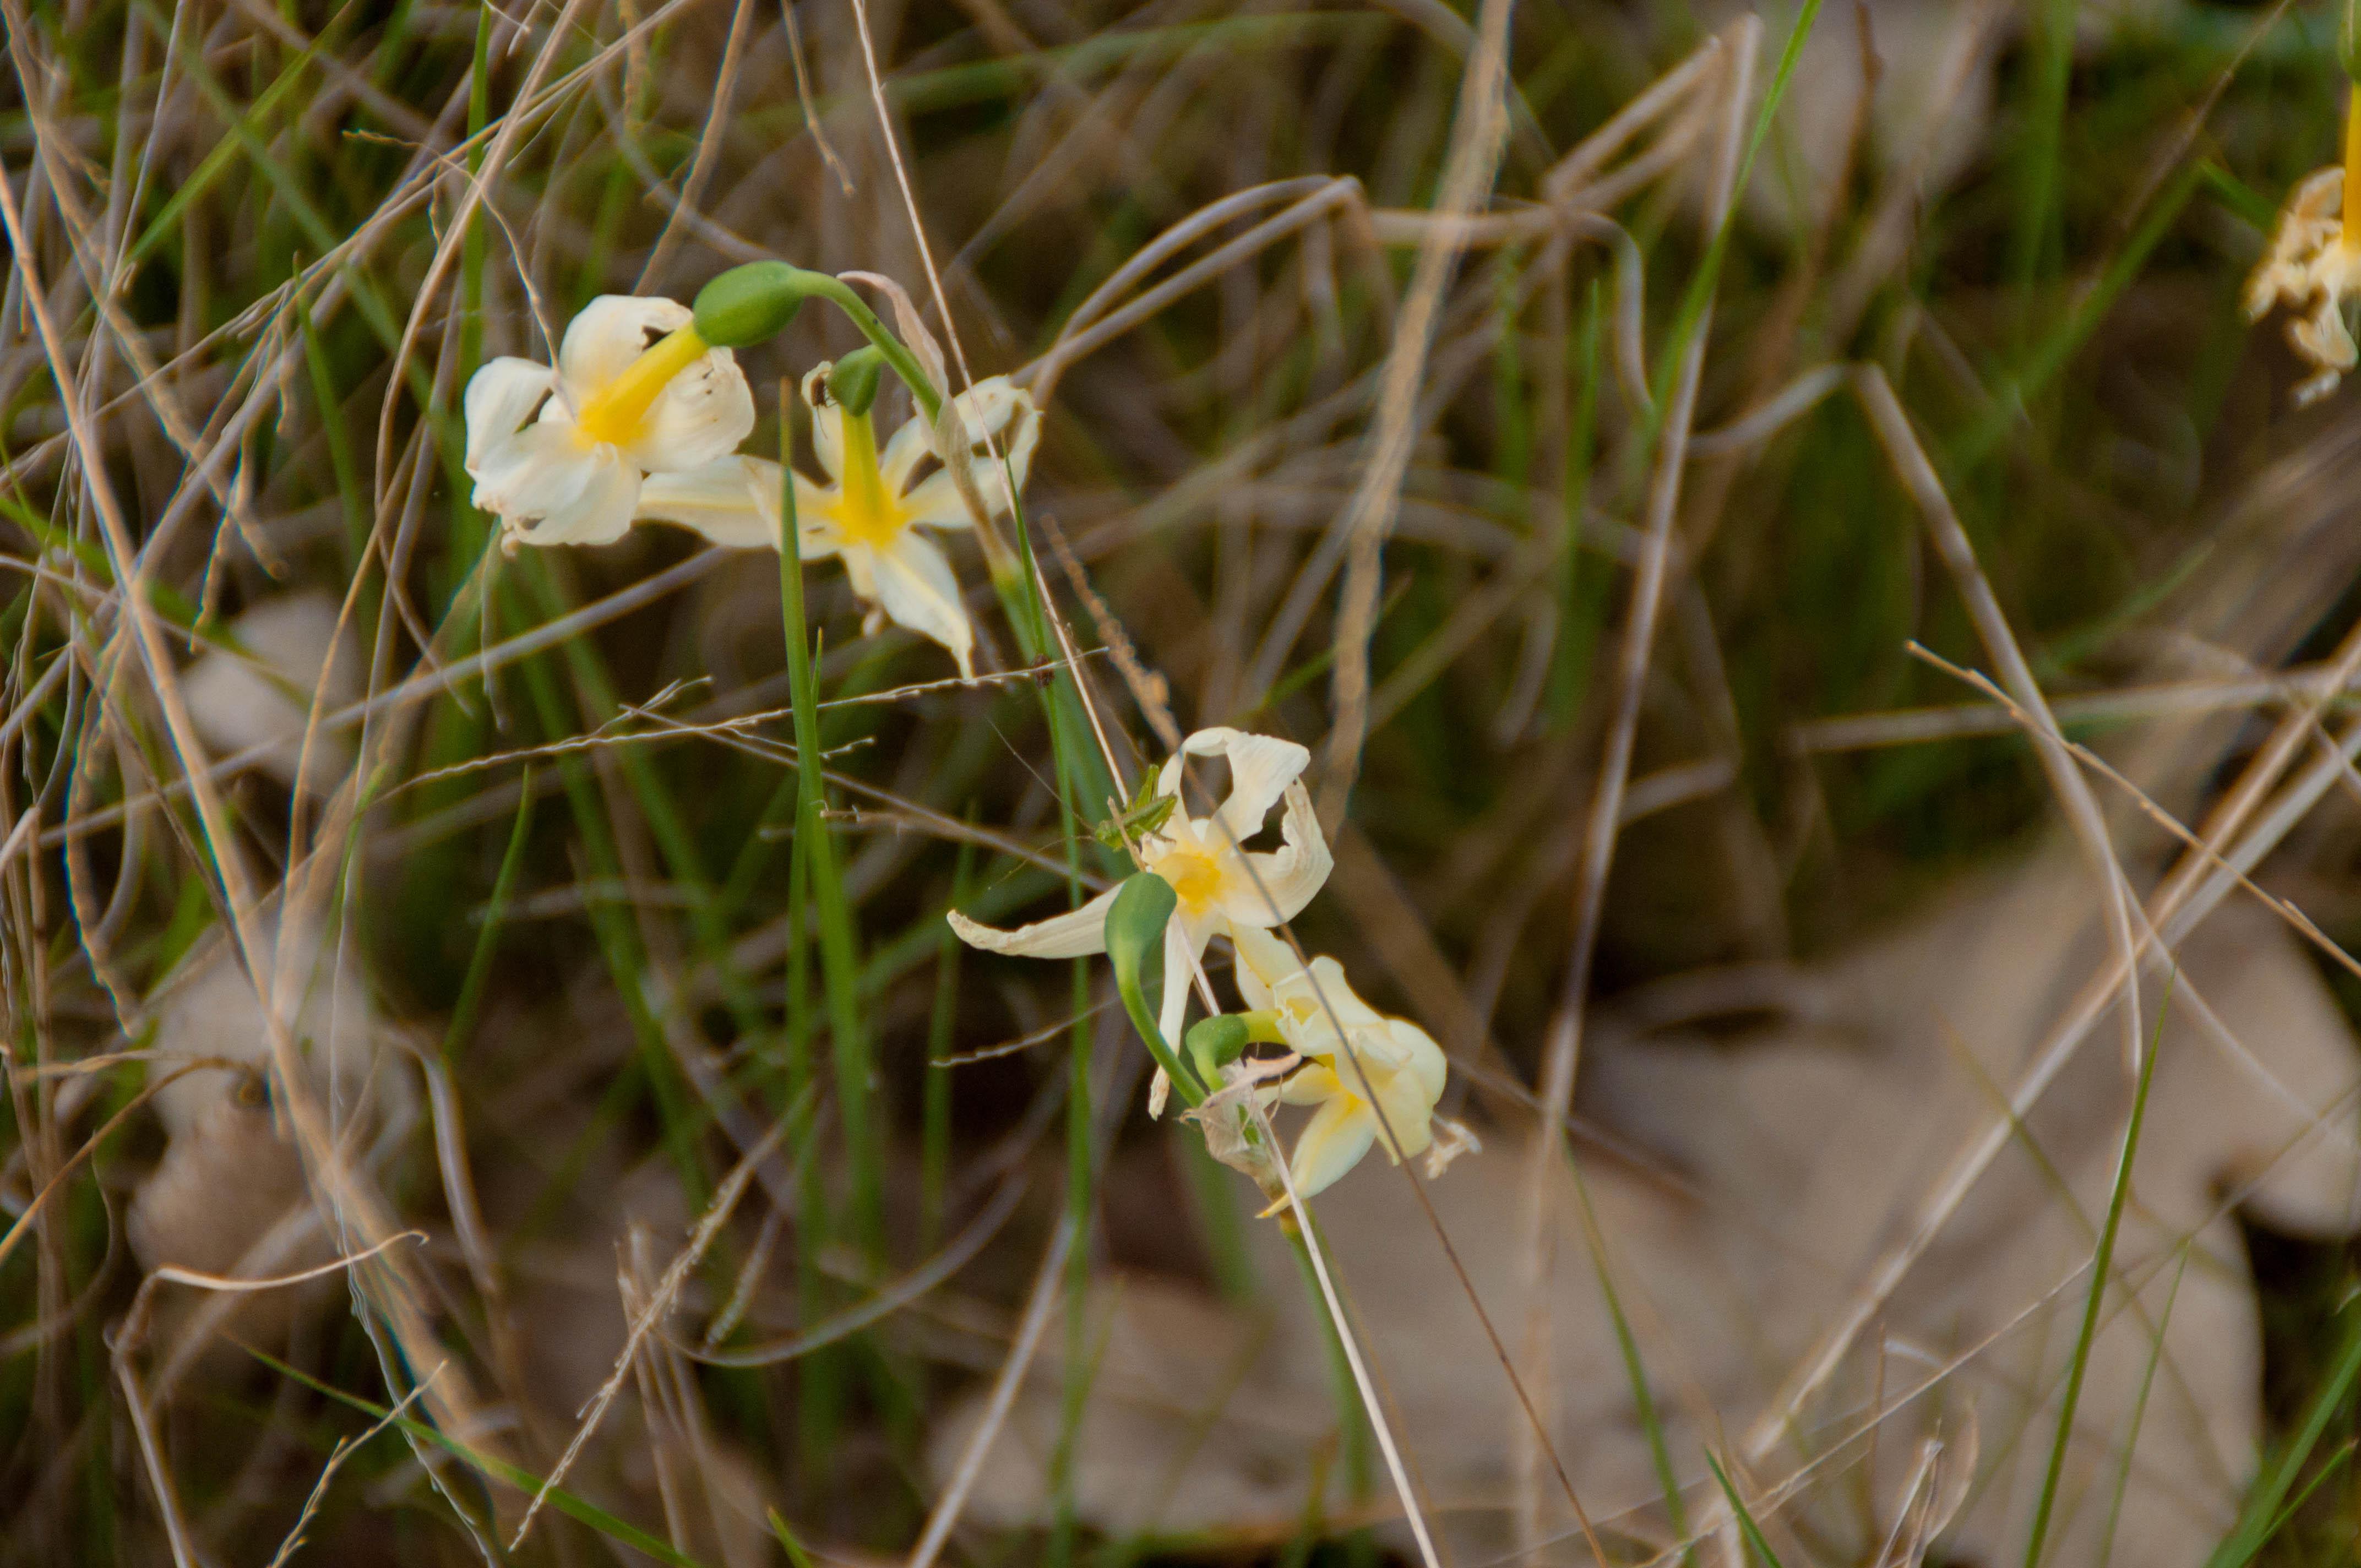 Narcissus pallidulus Las Obreras de Aliste CB Artesanos de la Miel Aliste Gallegos del Campo Artesanos de la Miel